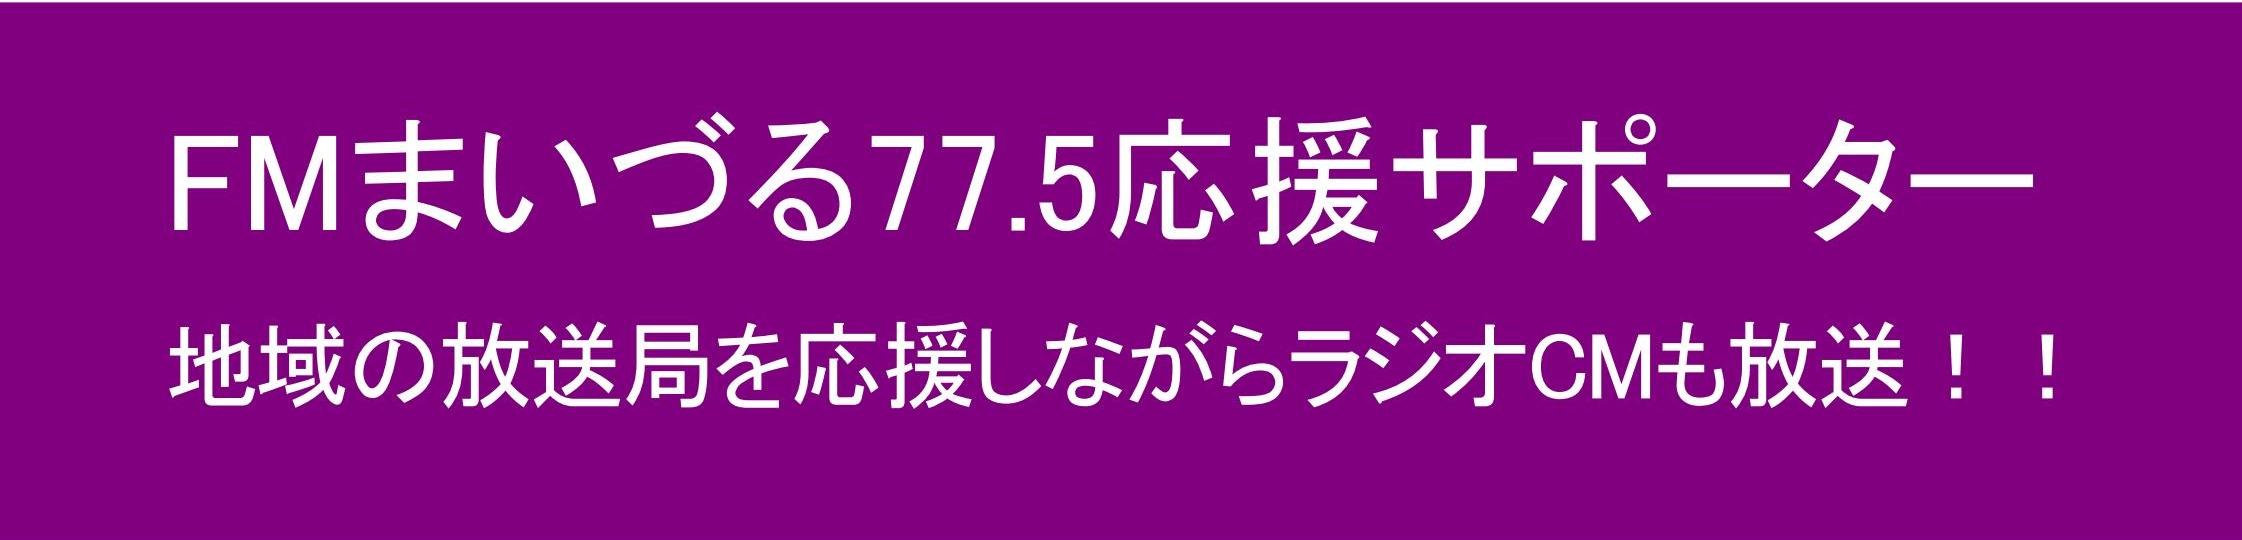 FMまいづる応援サポーター募集中!!